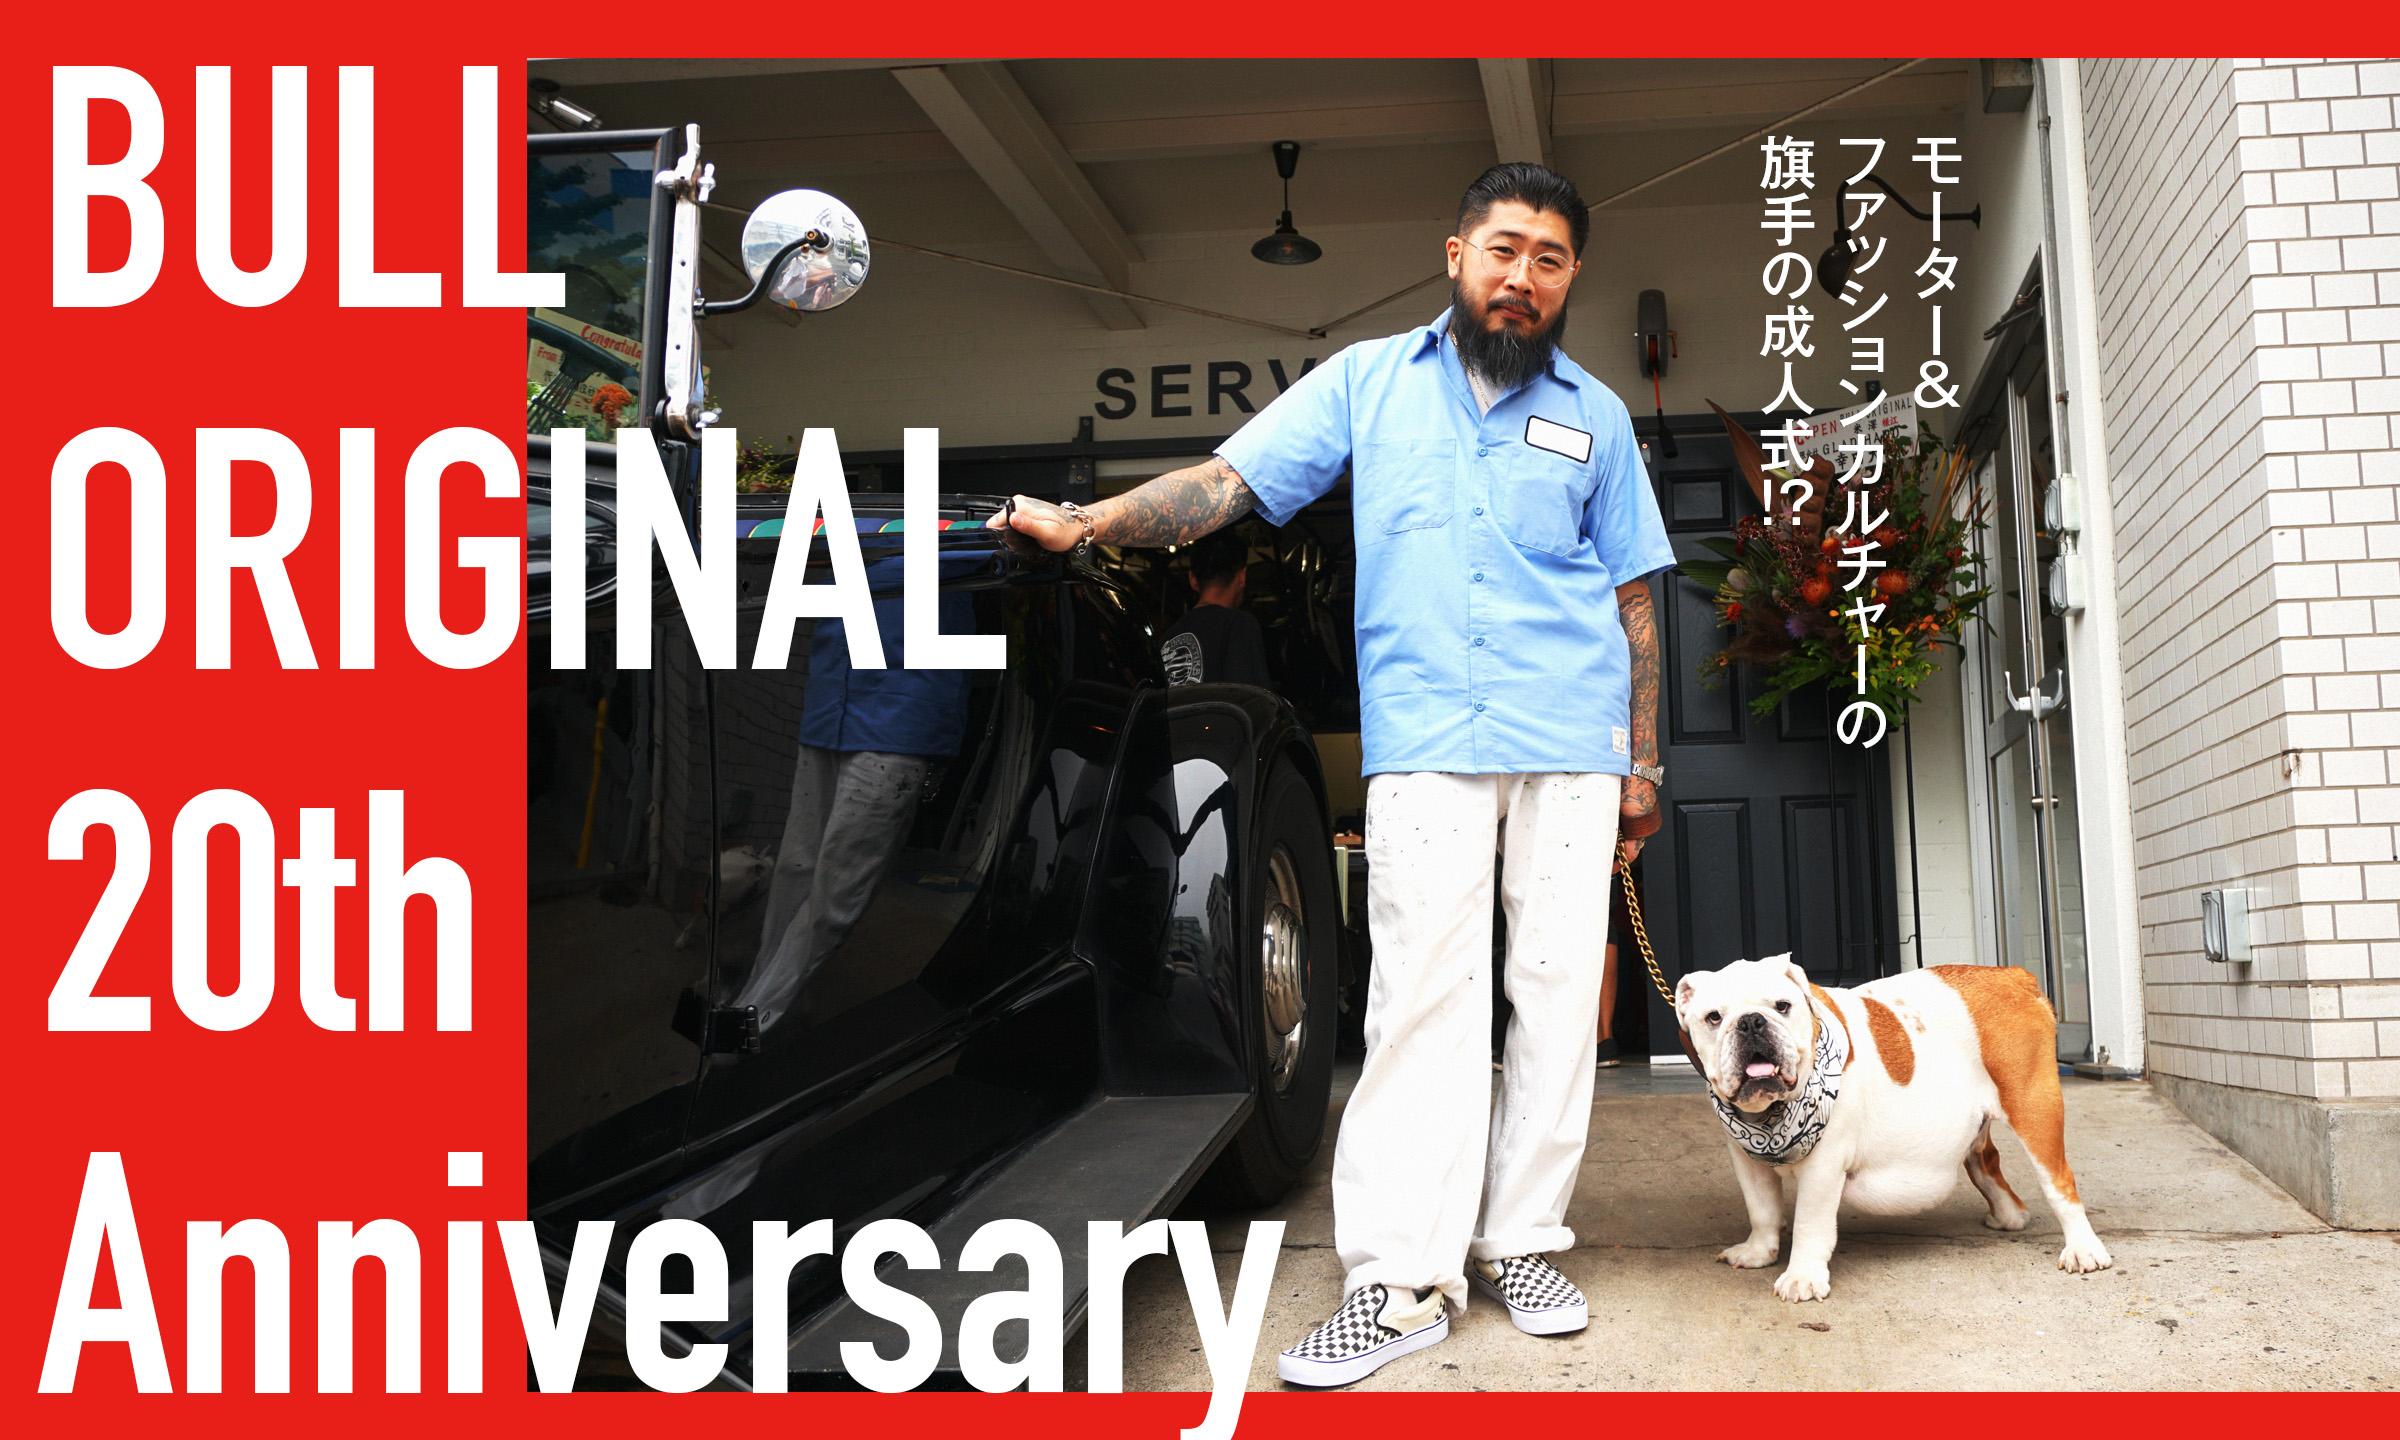 モーター&ファッションカルチャーの旗手の成人式!? BULL ORIGINAL 20th Anniversary